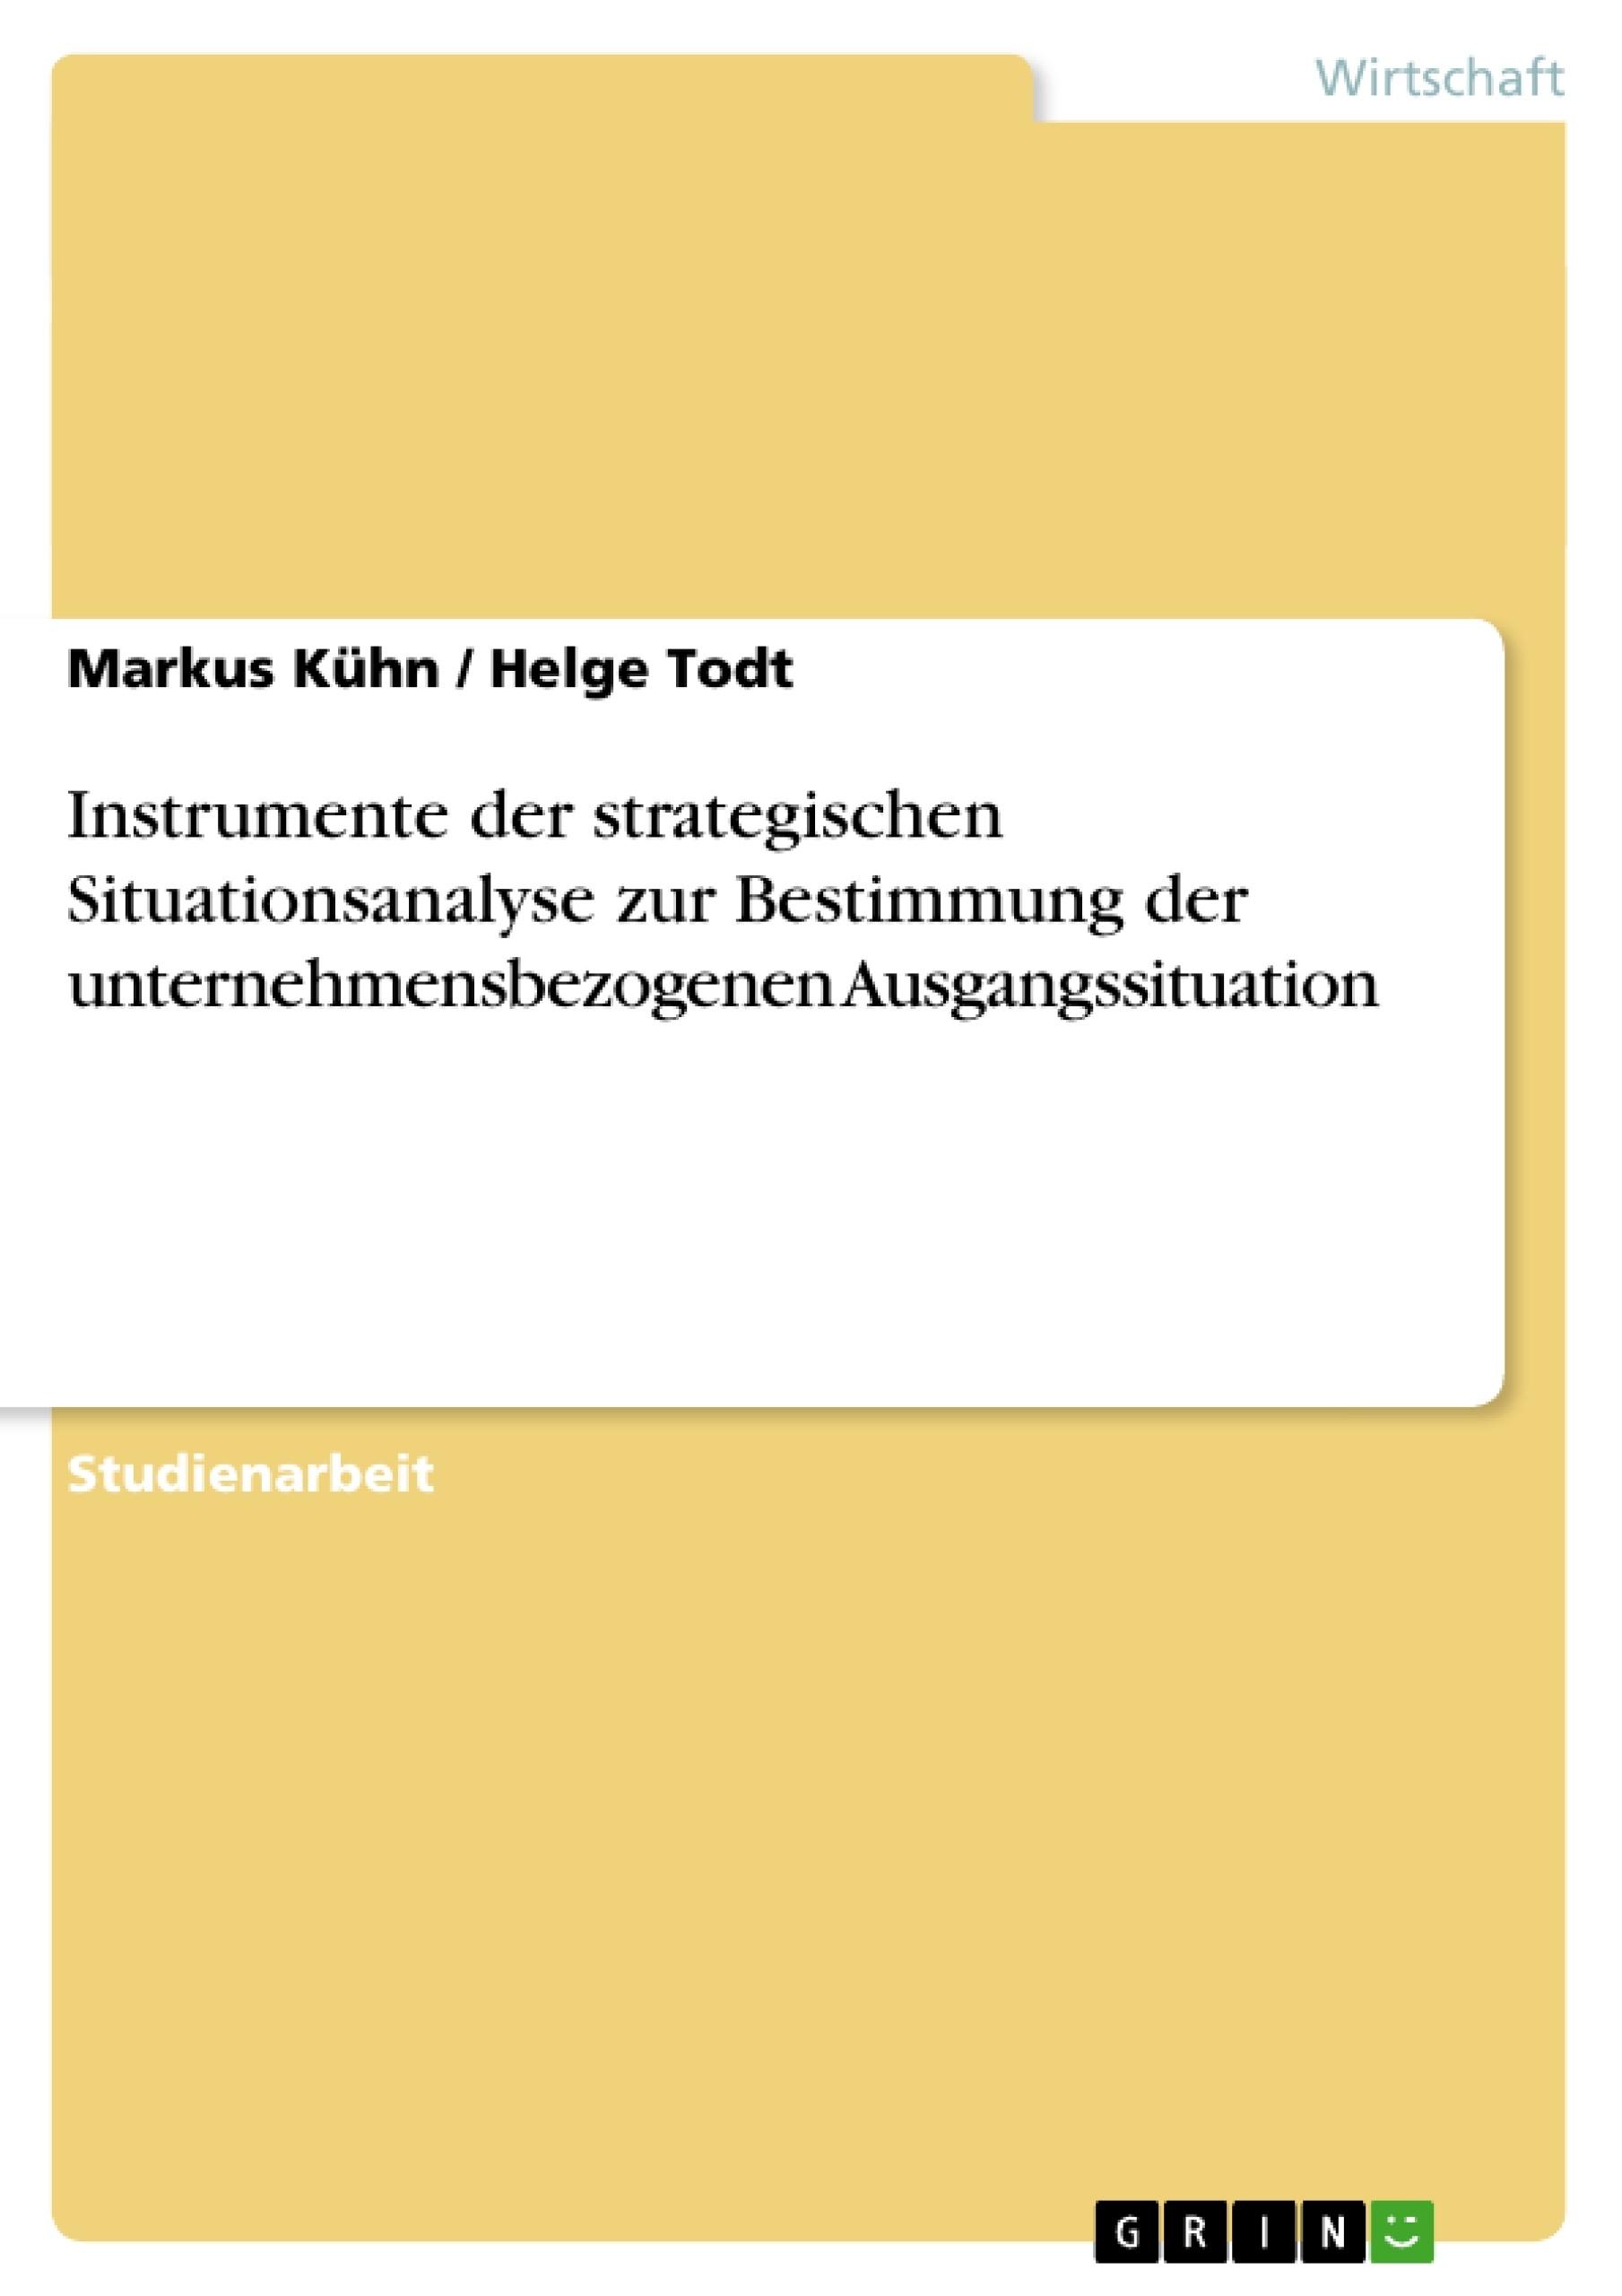 Titel: Instrumente der strategischen Situationsanalyse zur Bestimmung der unternehmensbezogenen Ausgangssituation